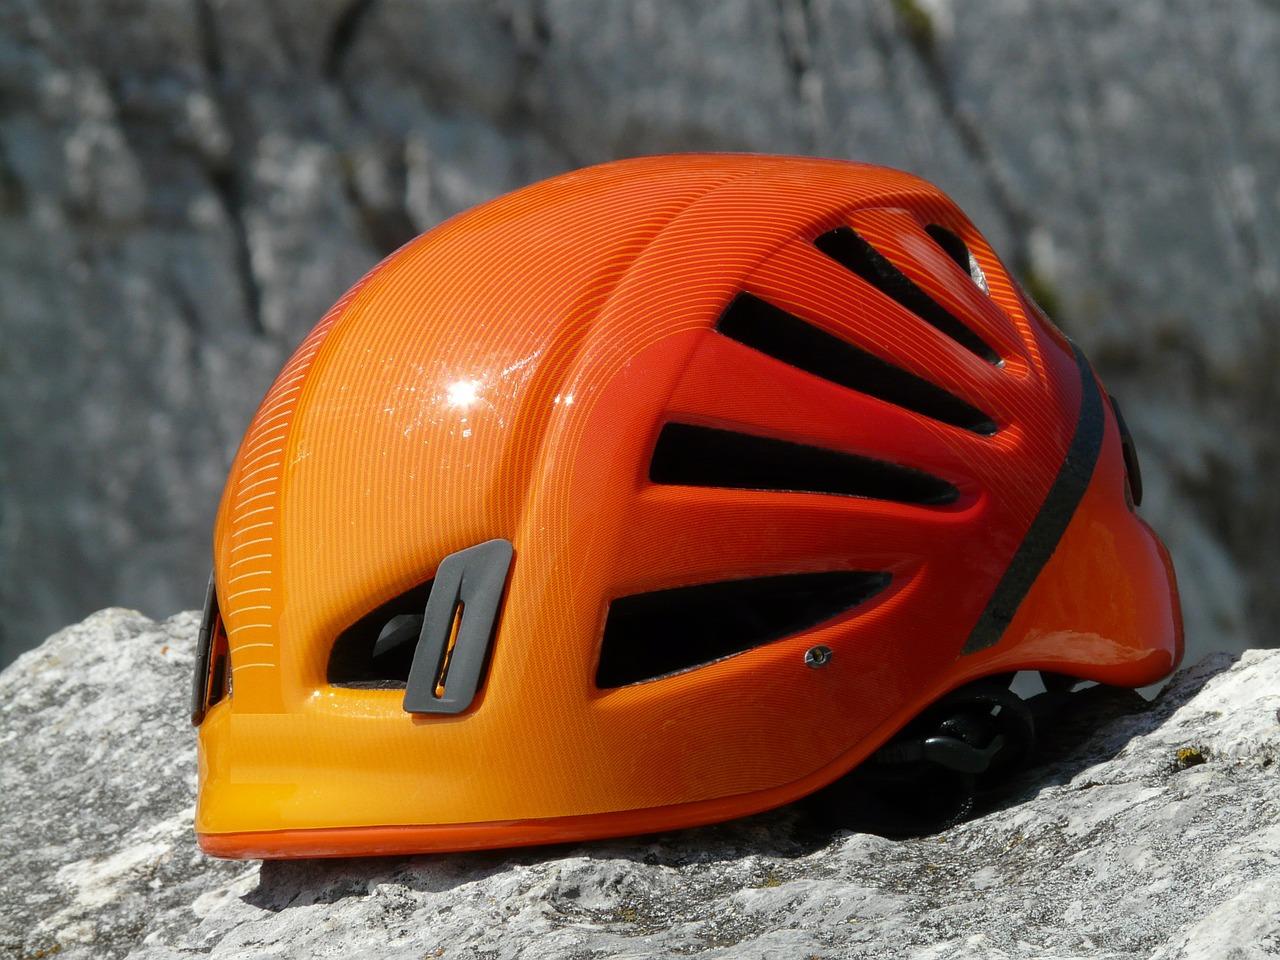 Ein guter Kletterhelm ist extrem wichtig, denn unter anderem schützt er Deinen Kopf vor Kopfverletzungen durch herrunterfallende Gegenstände.